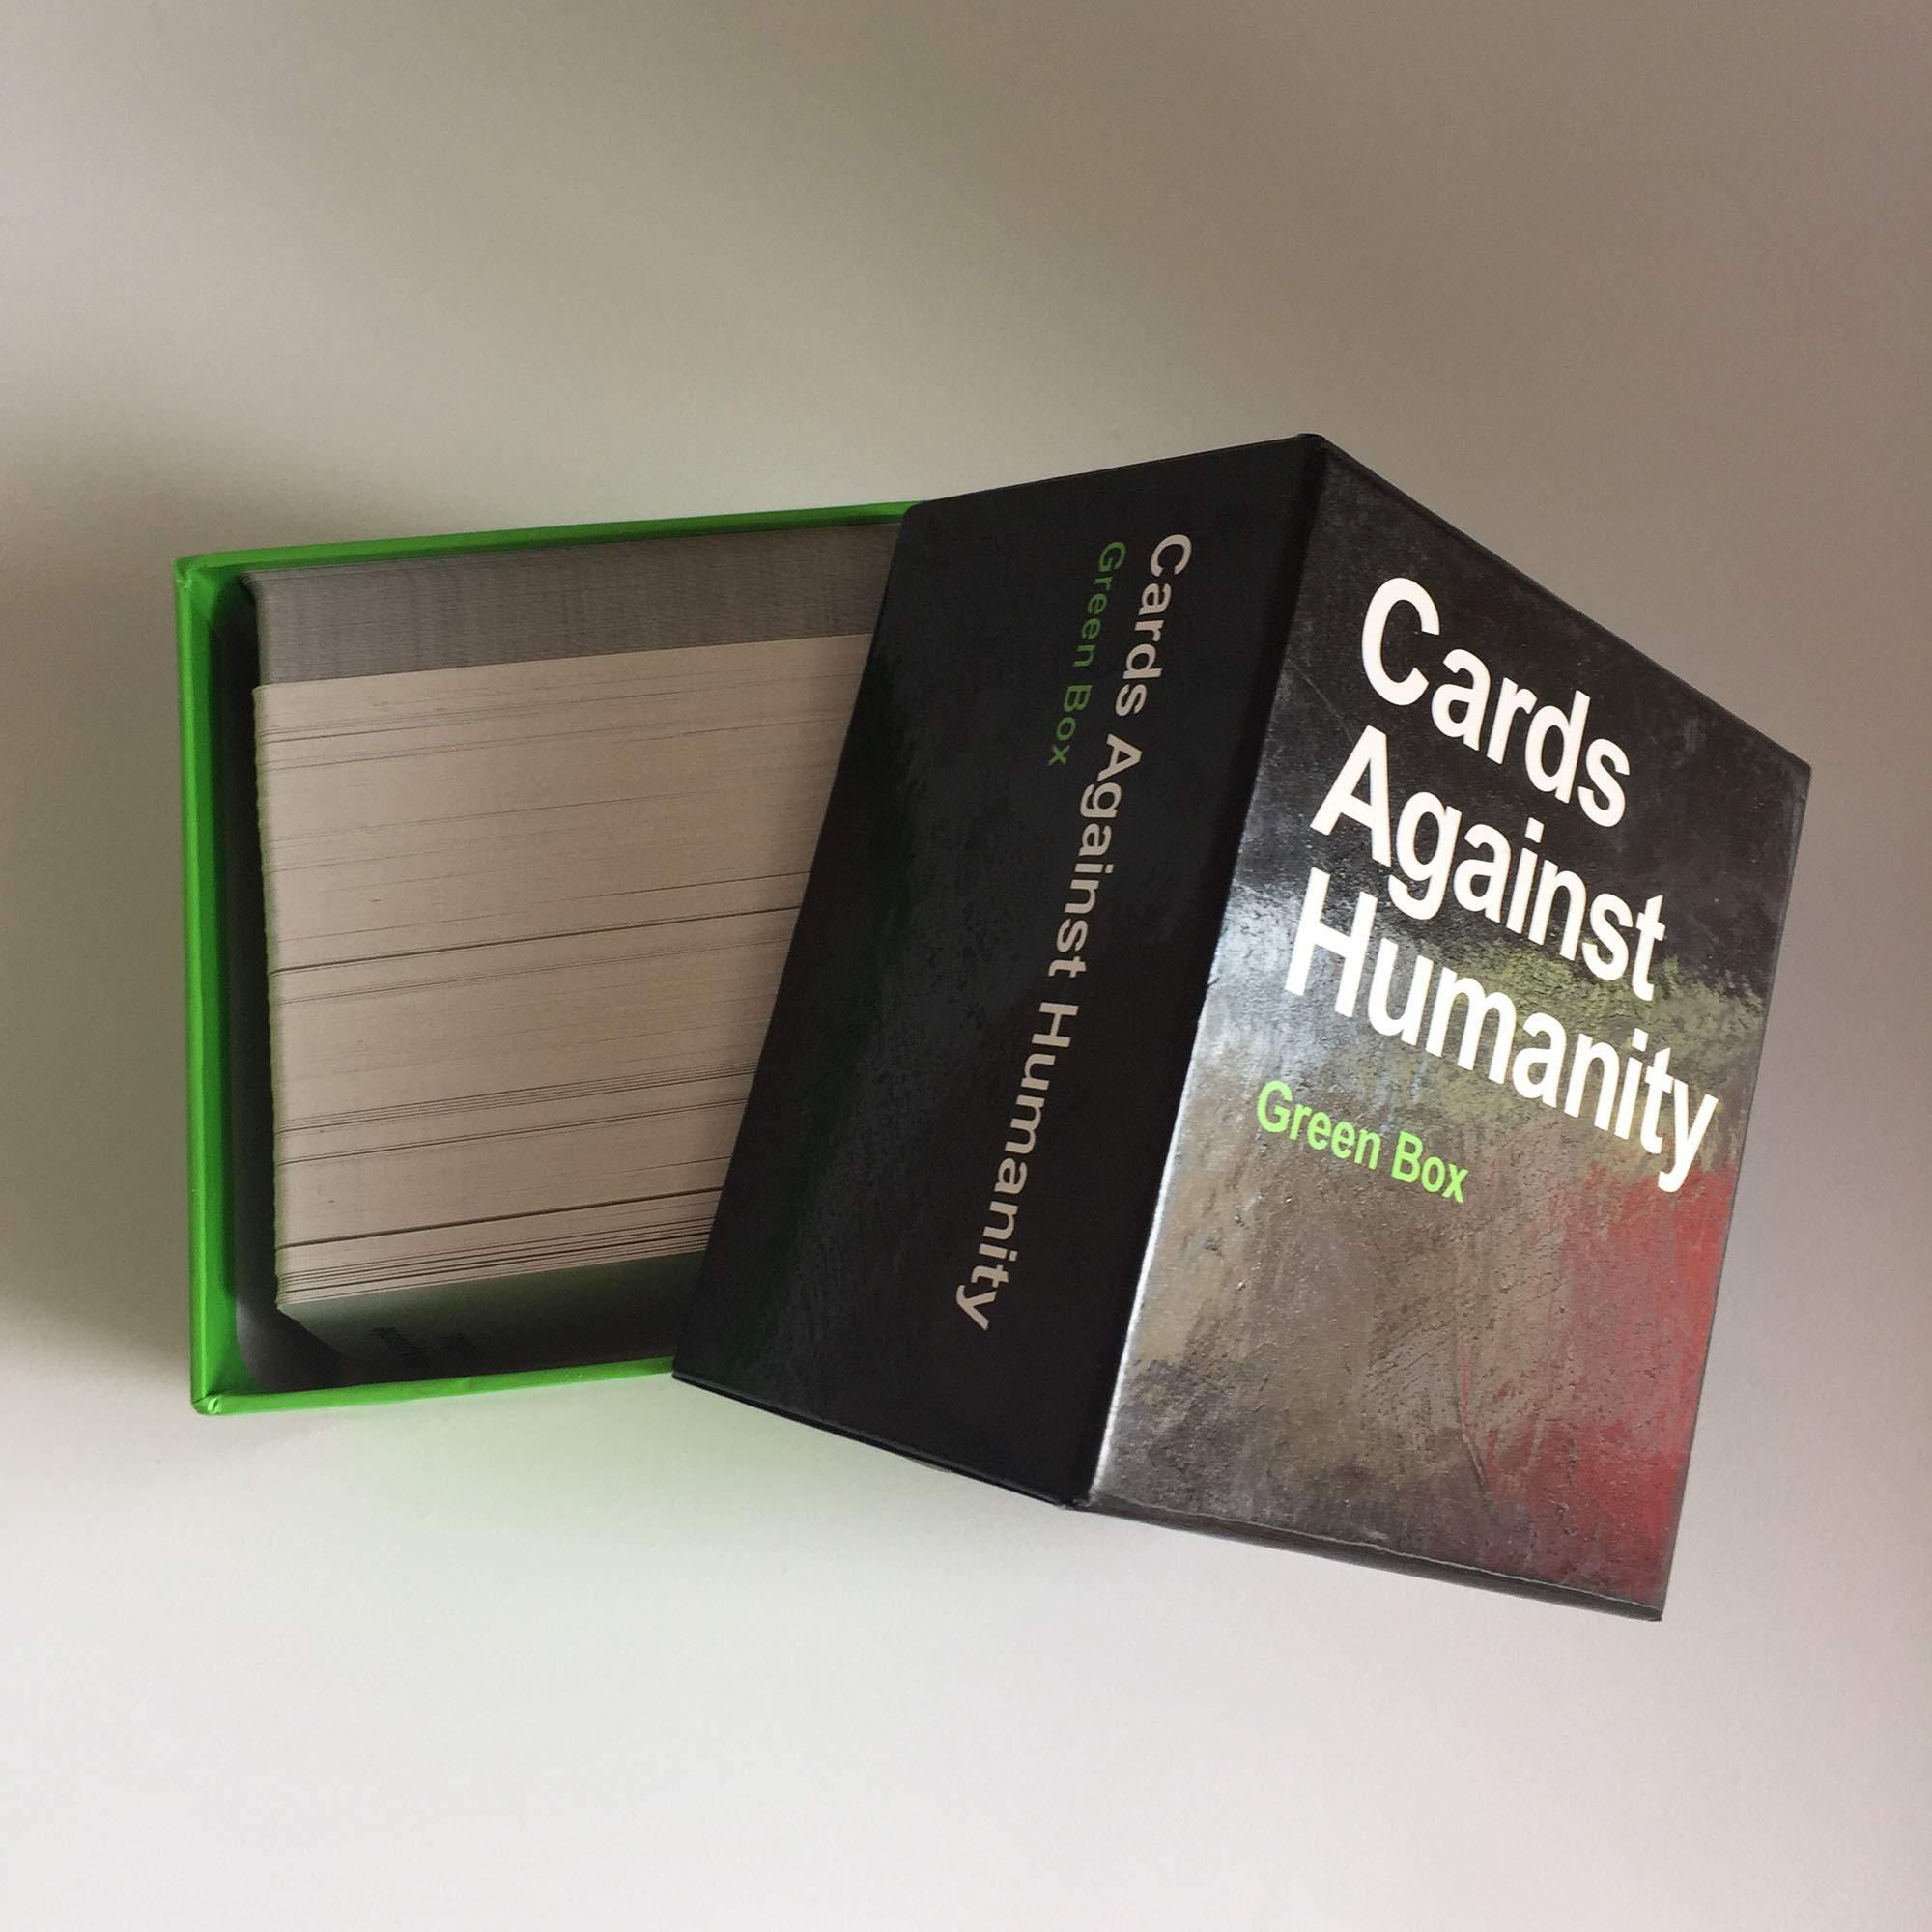 LETU Juegos de Cartas para Adultos/A Cards Against Humanity: Green Box/Party Games Juegos interactivos: Amazon.es: Hogar